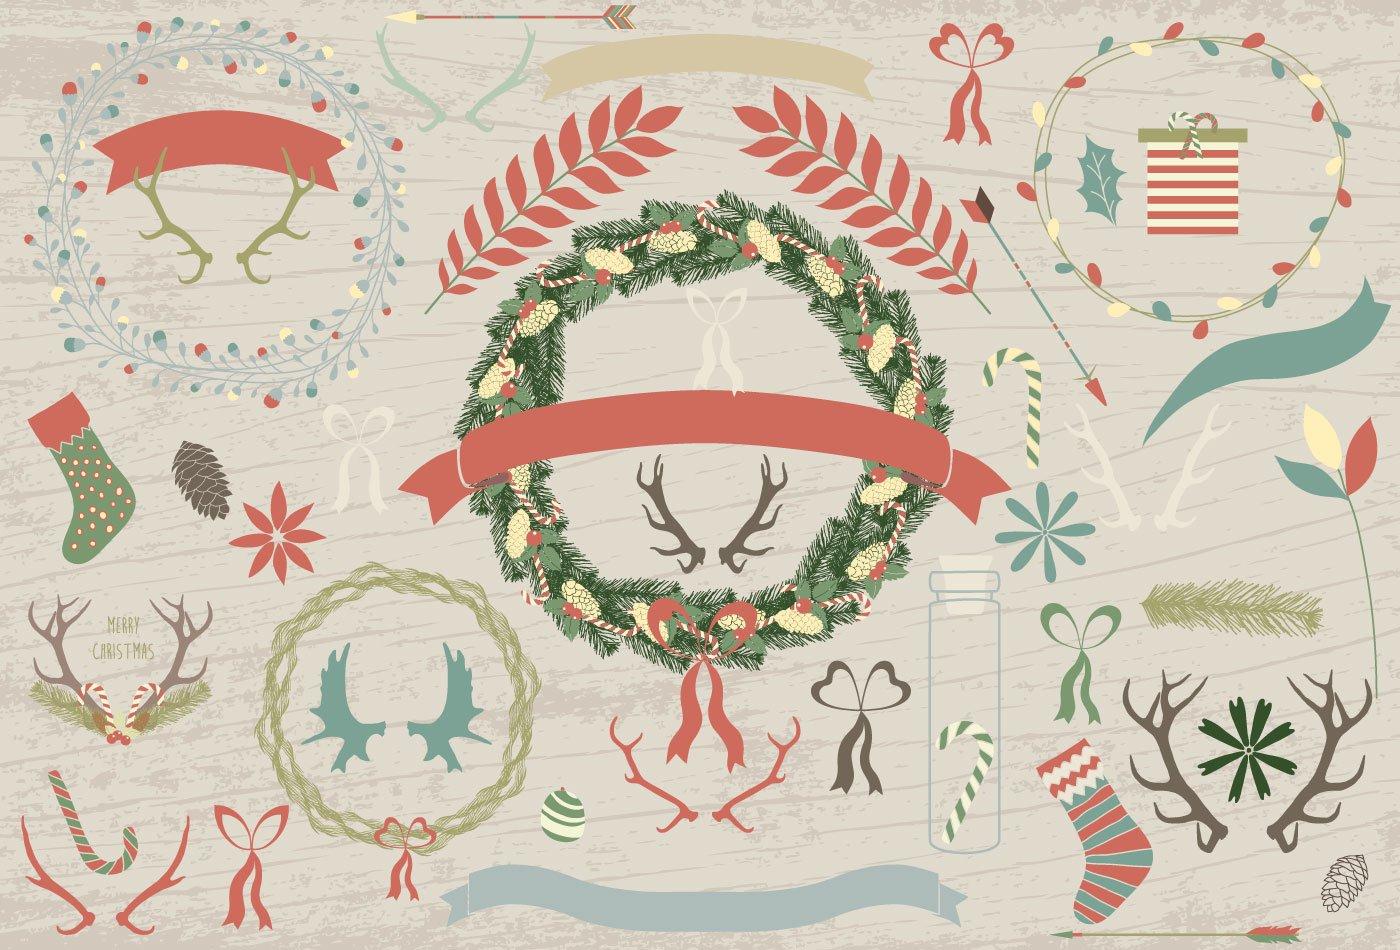 100款圣诞节主题元素矢量素材 100 Merry Christmas Elements插图(1)